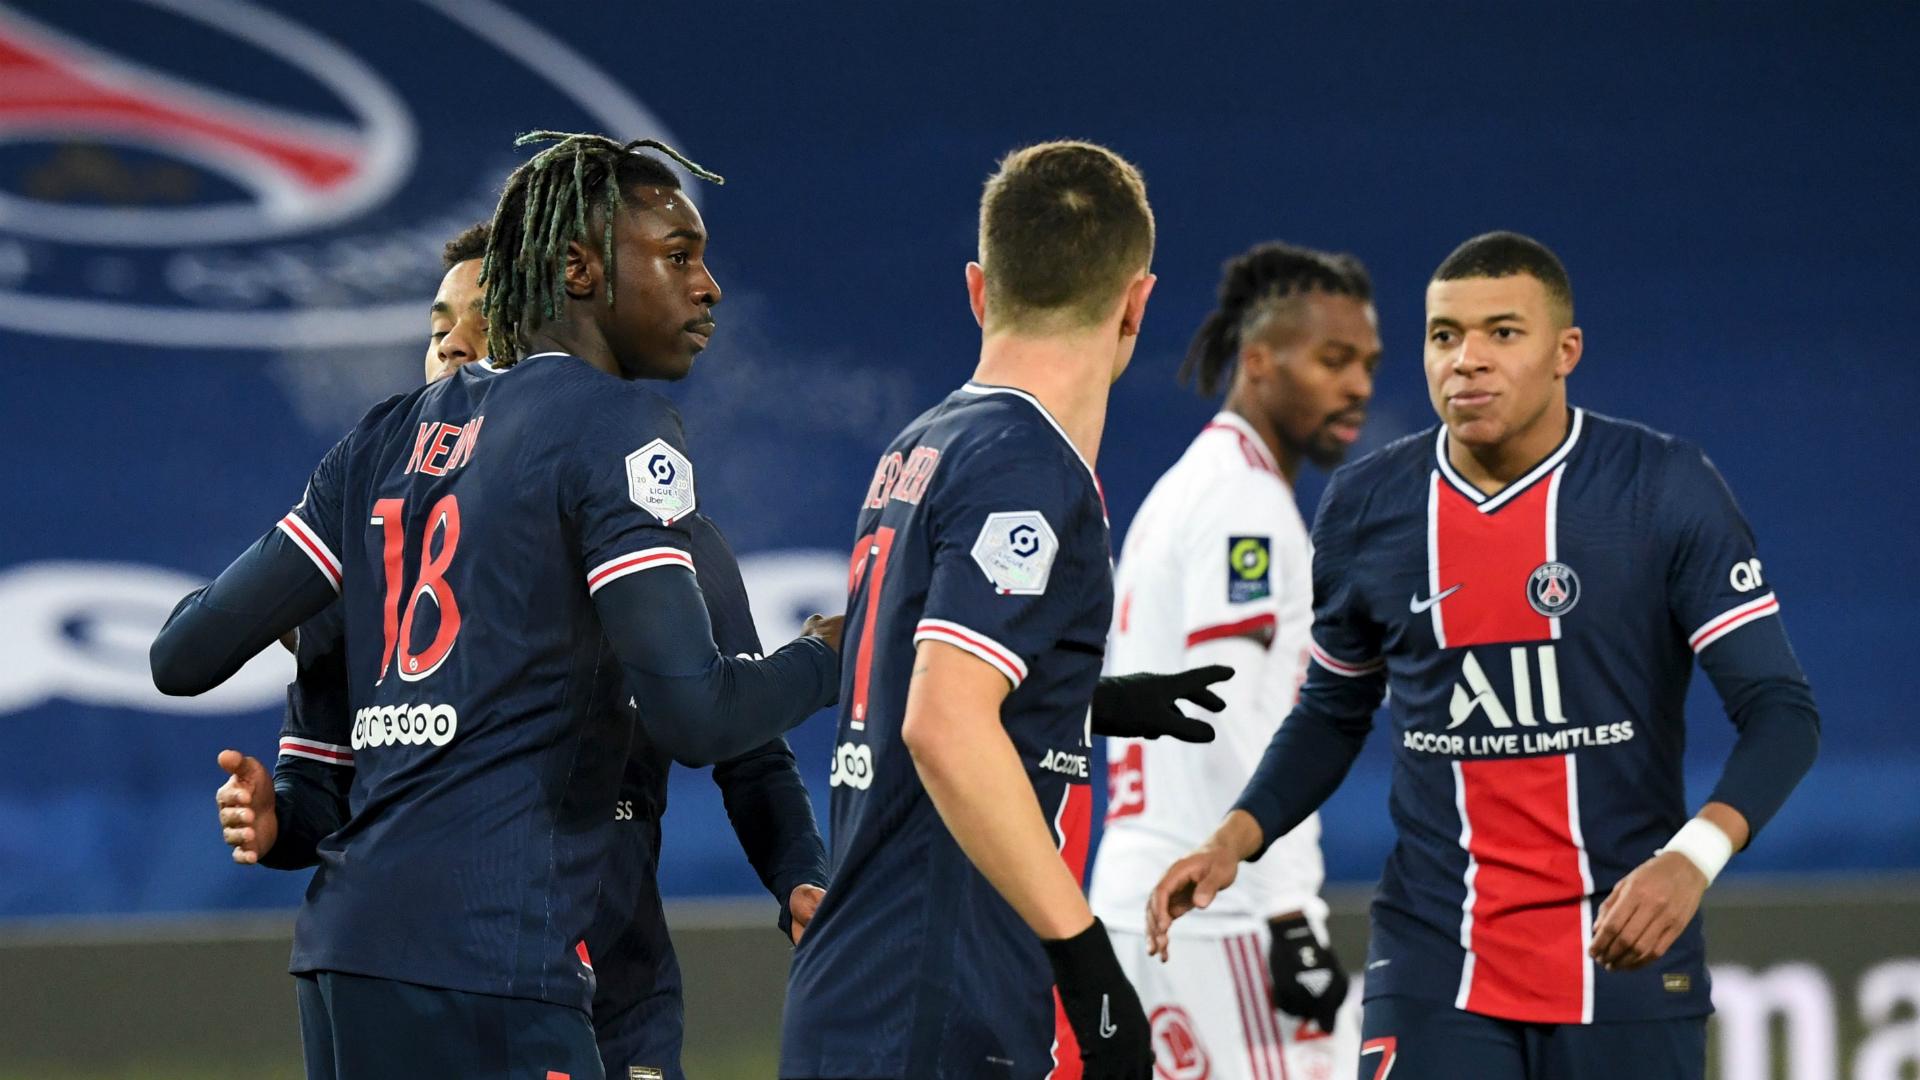 Psg V Brest Match Report 1 9 21 Ligue 1 Goal Com